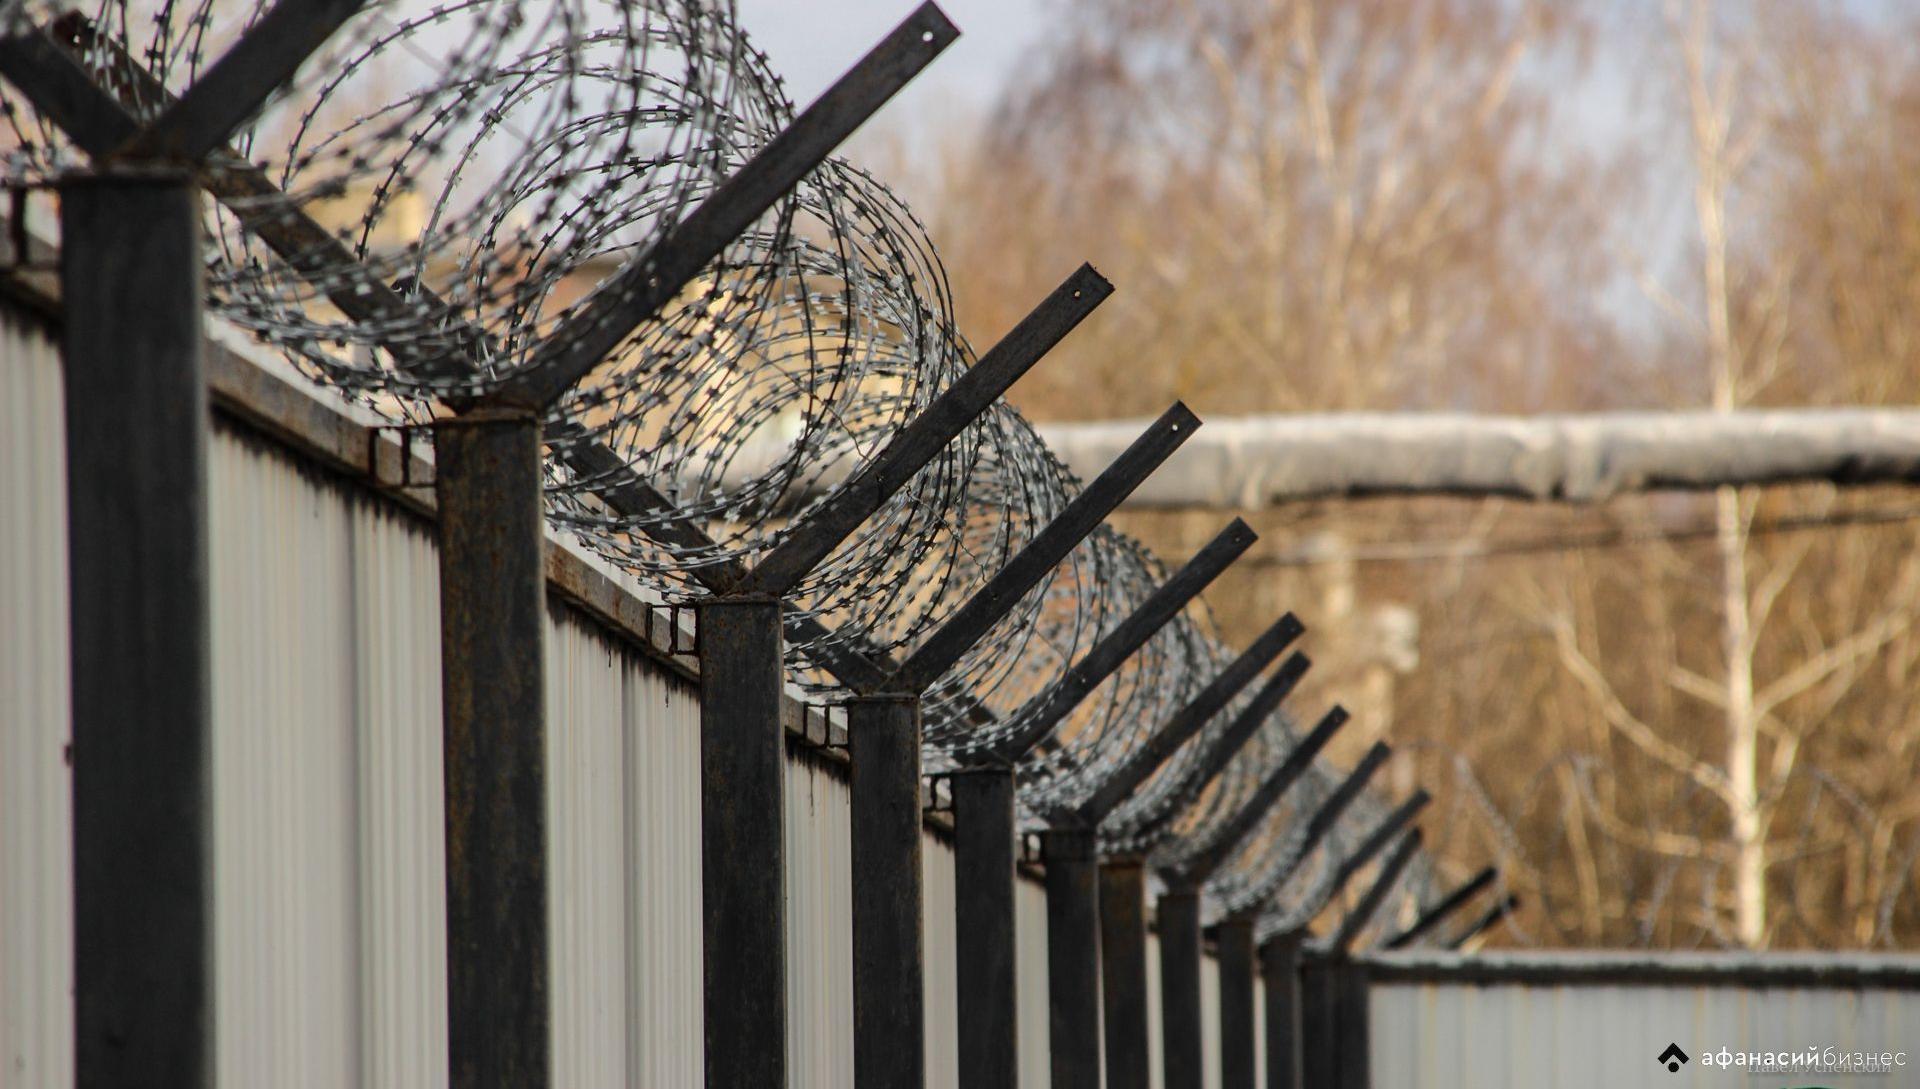 Суд отправил жительницу Тверской области в колонию за неуплату алиментов - новости Афанасий